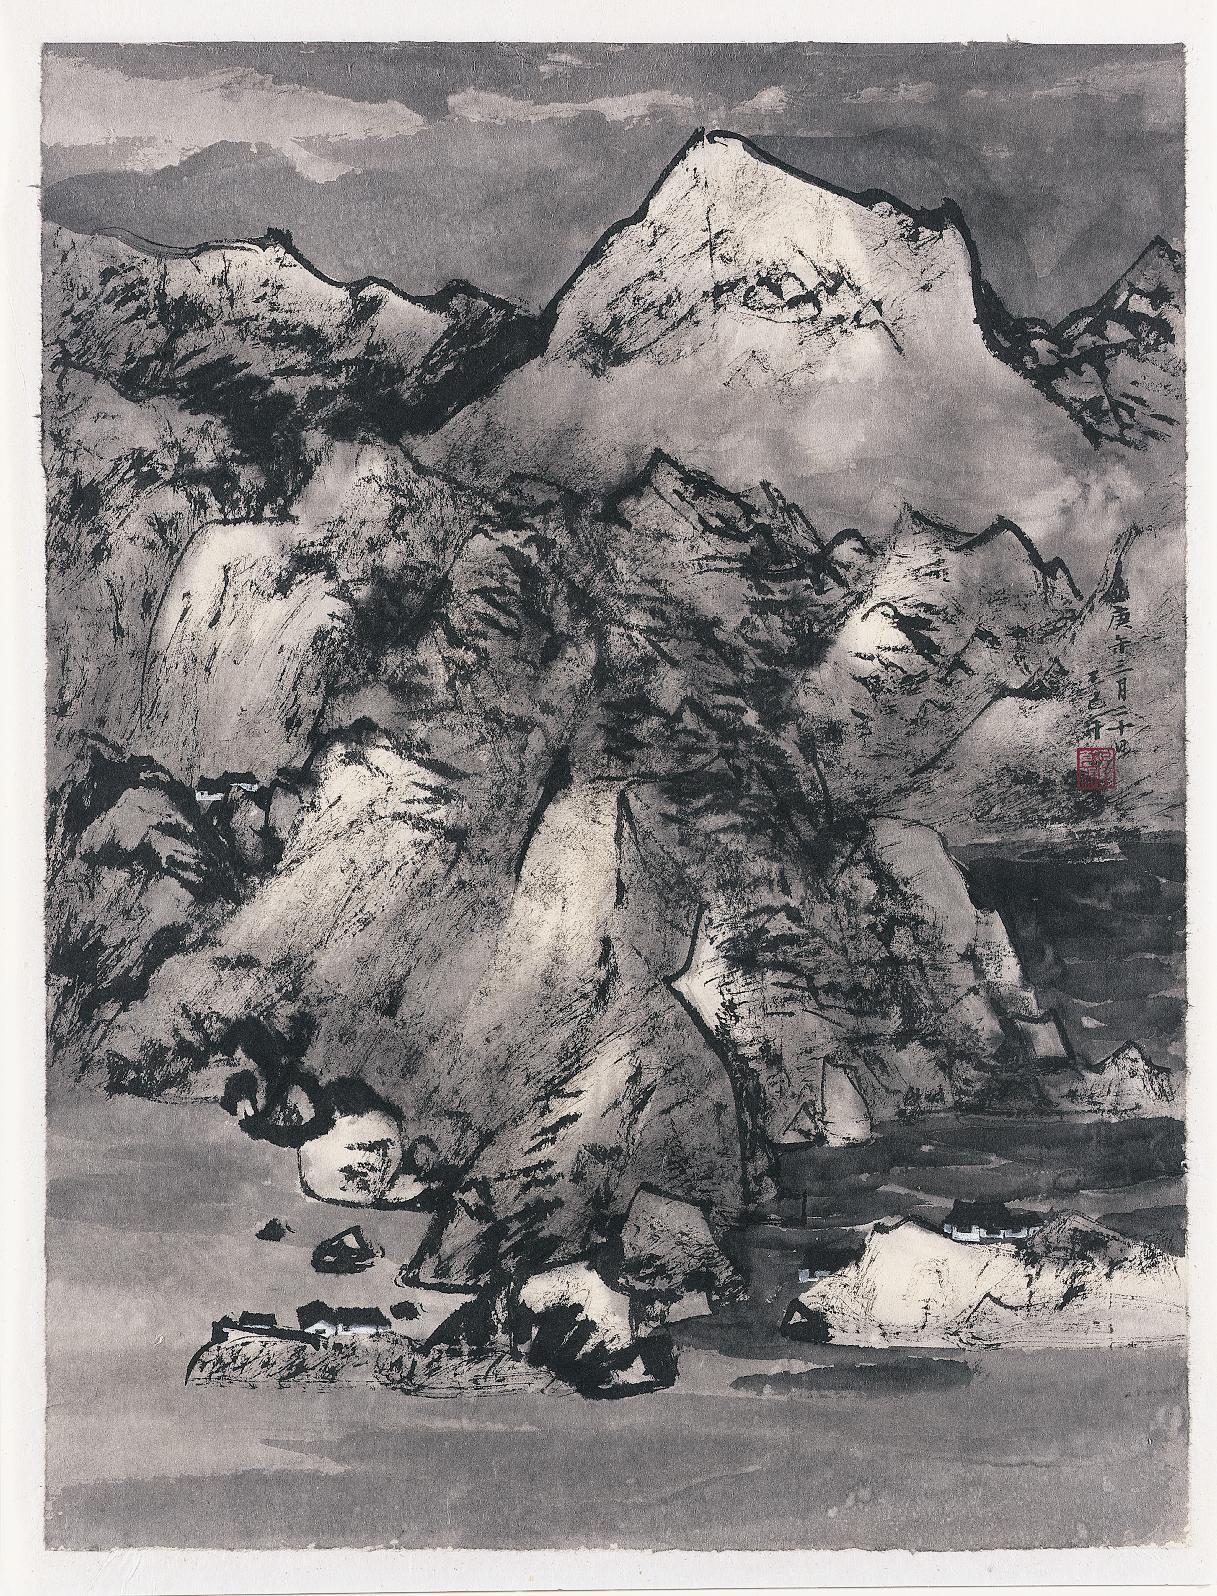 Wang Jiqian (CC Wang) (Suzhou, China, 1907–2003). Shanshui, 1990. Ink on paper. Chu-tsing Li and Family Collection. Photographed by Ken Howie.